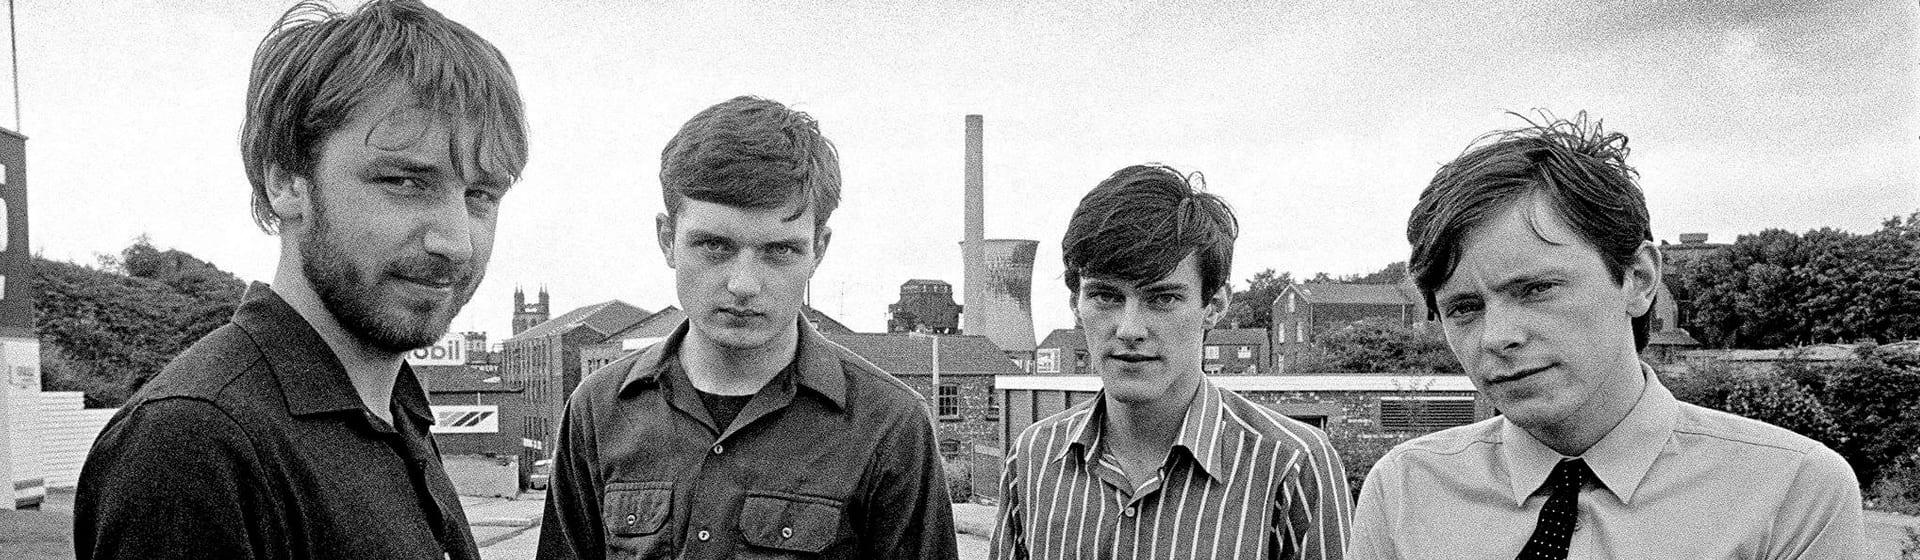 Joy Division - Мерч и одежда с атрибутикой